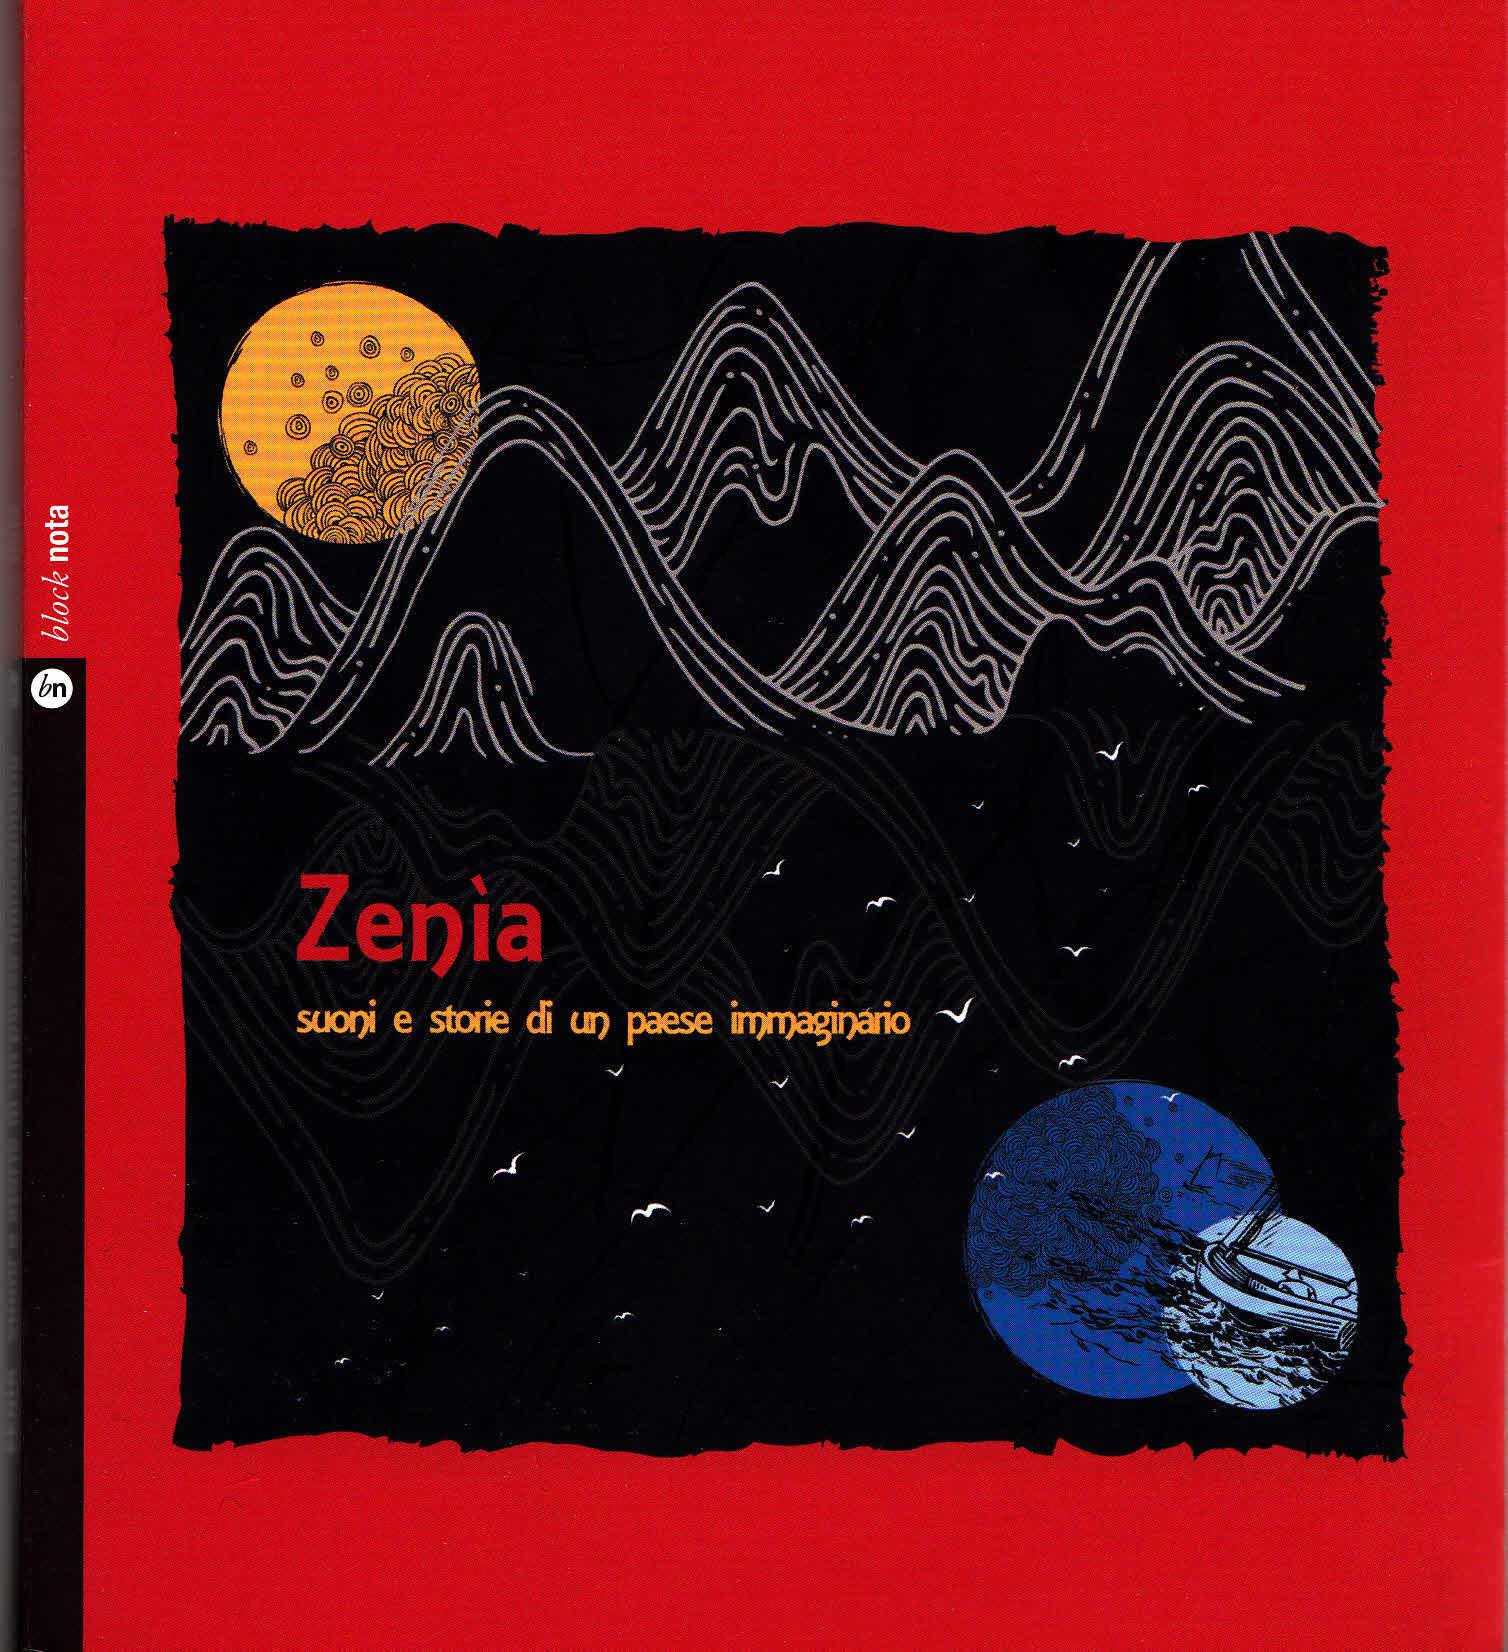 Zenia Suoni e storie di un paese immaginario Nota Records